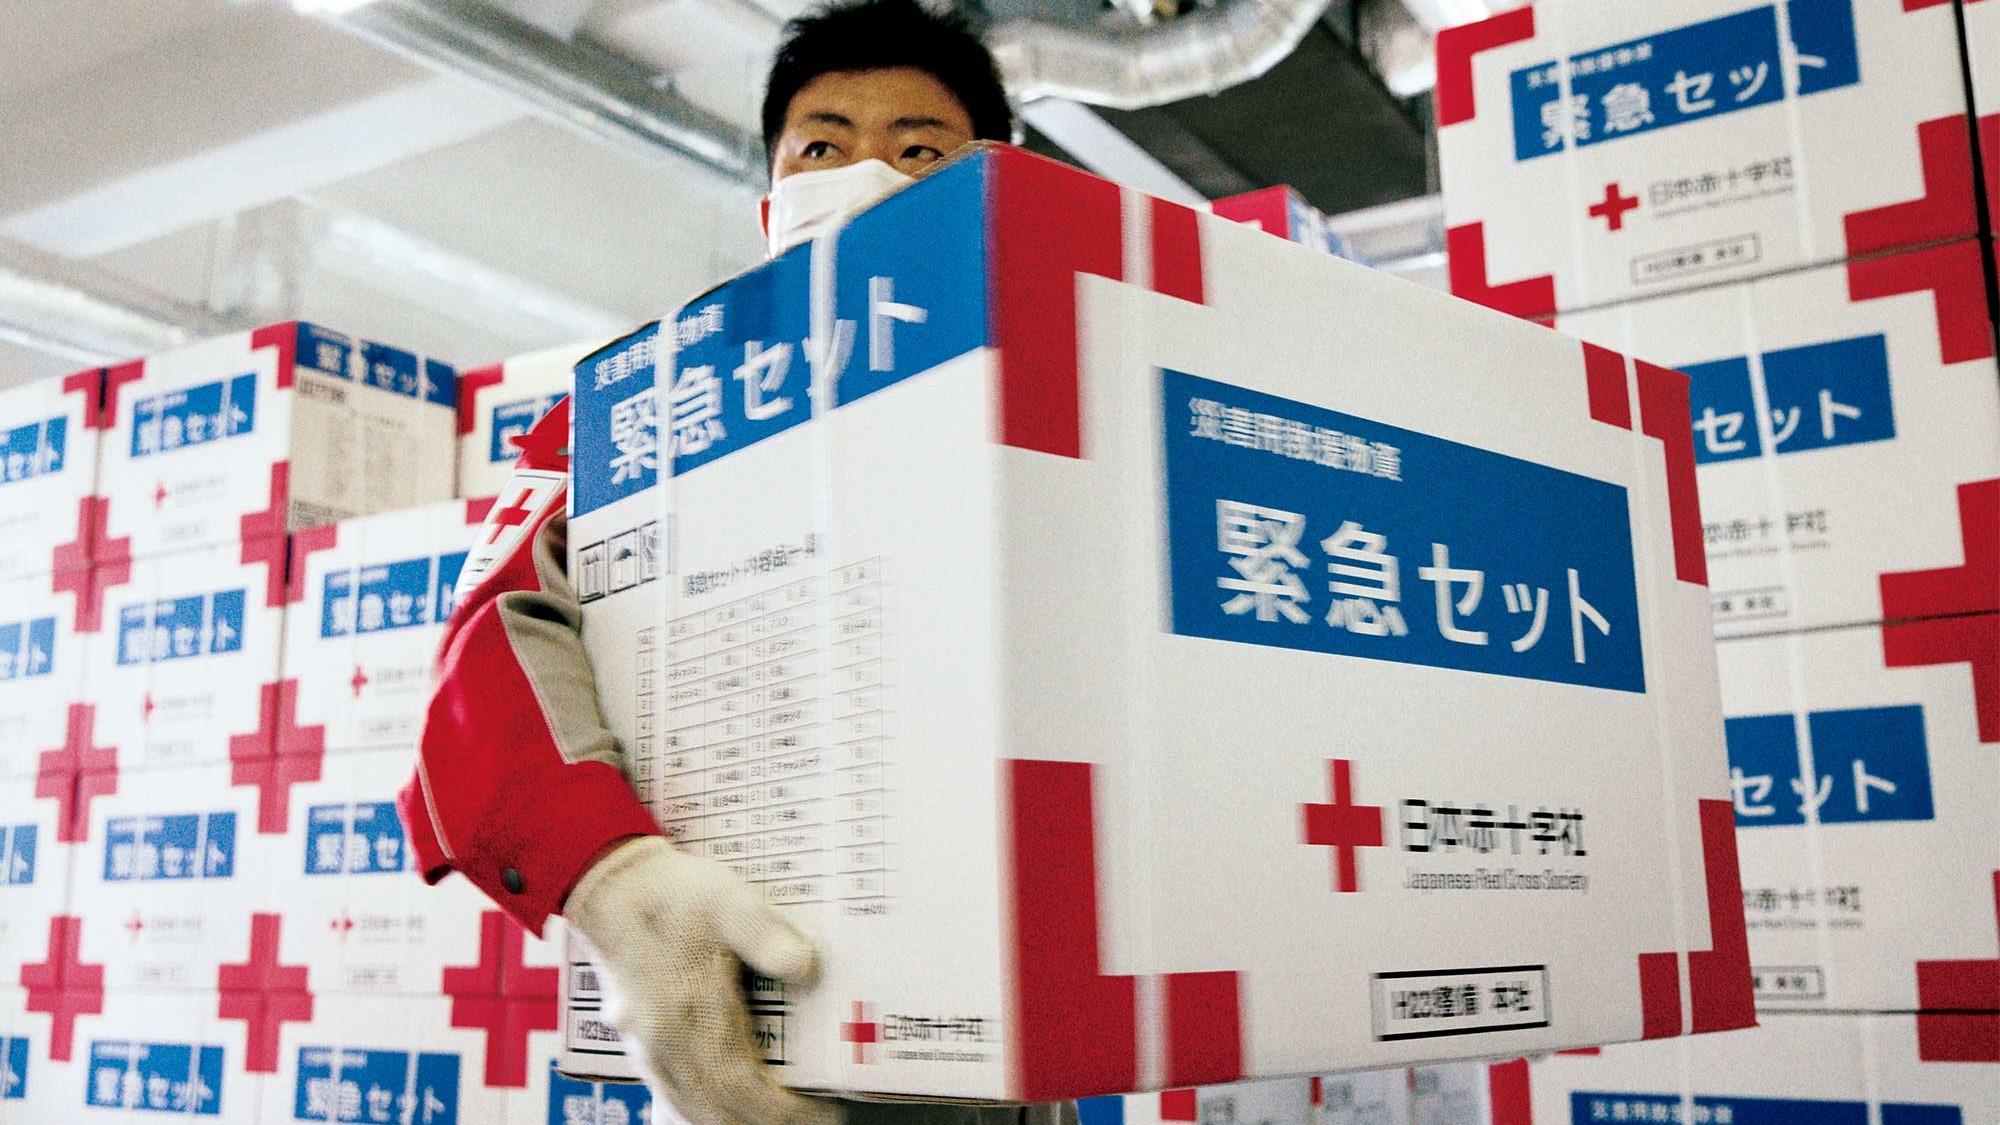 日本赤十字社が実施するプロジェクト 「ACTION!防災・減災」 に賛同・参画します。